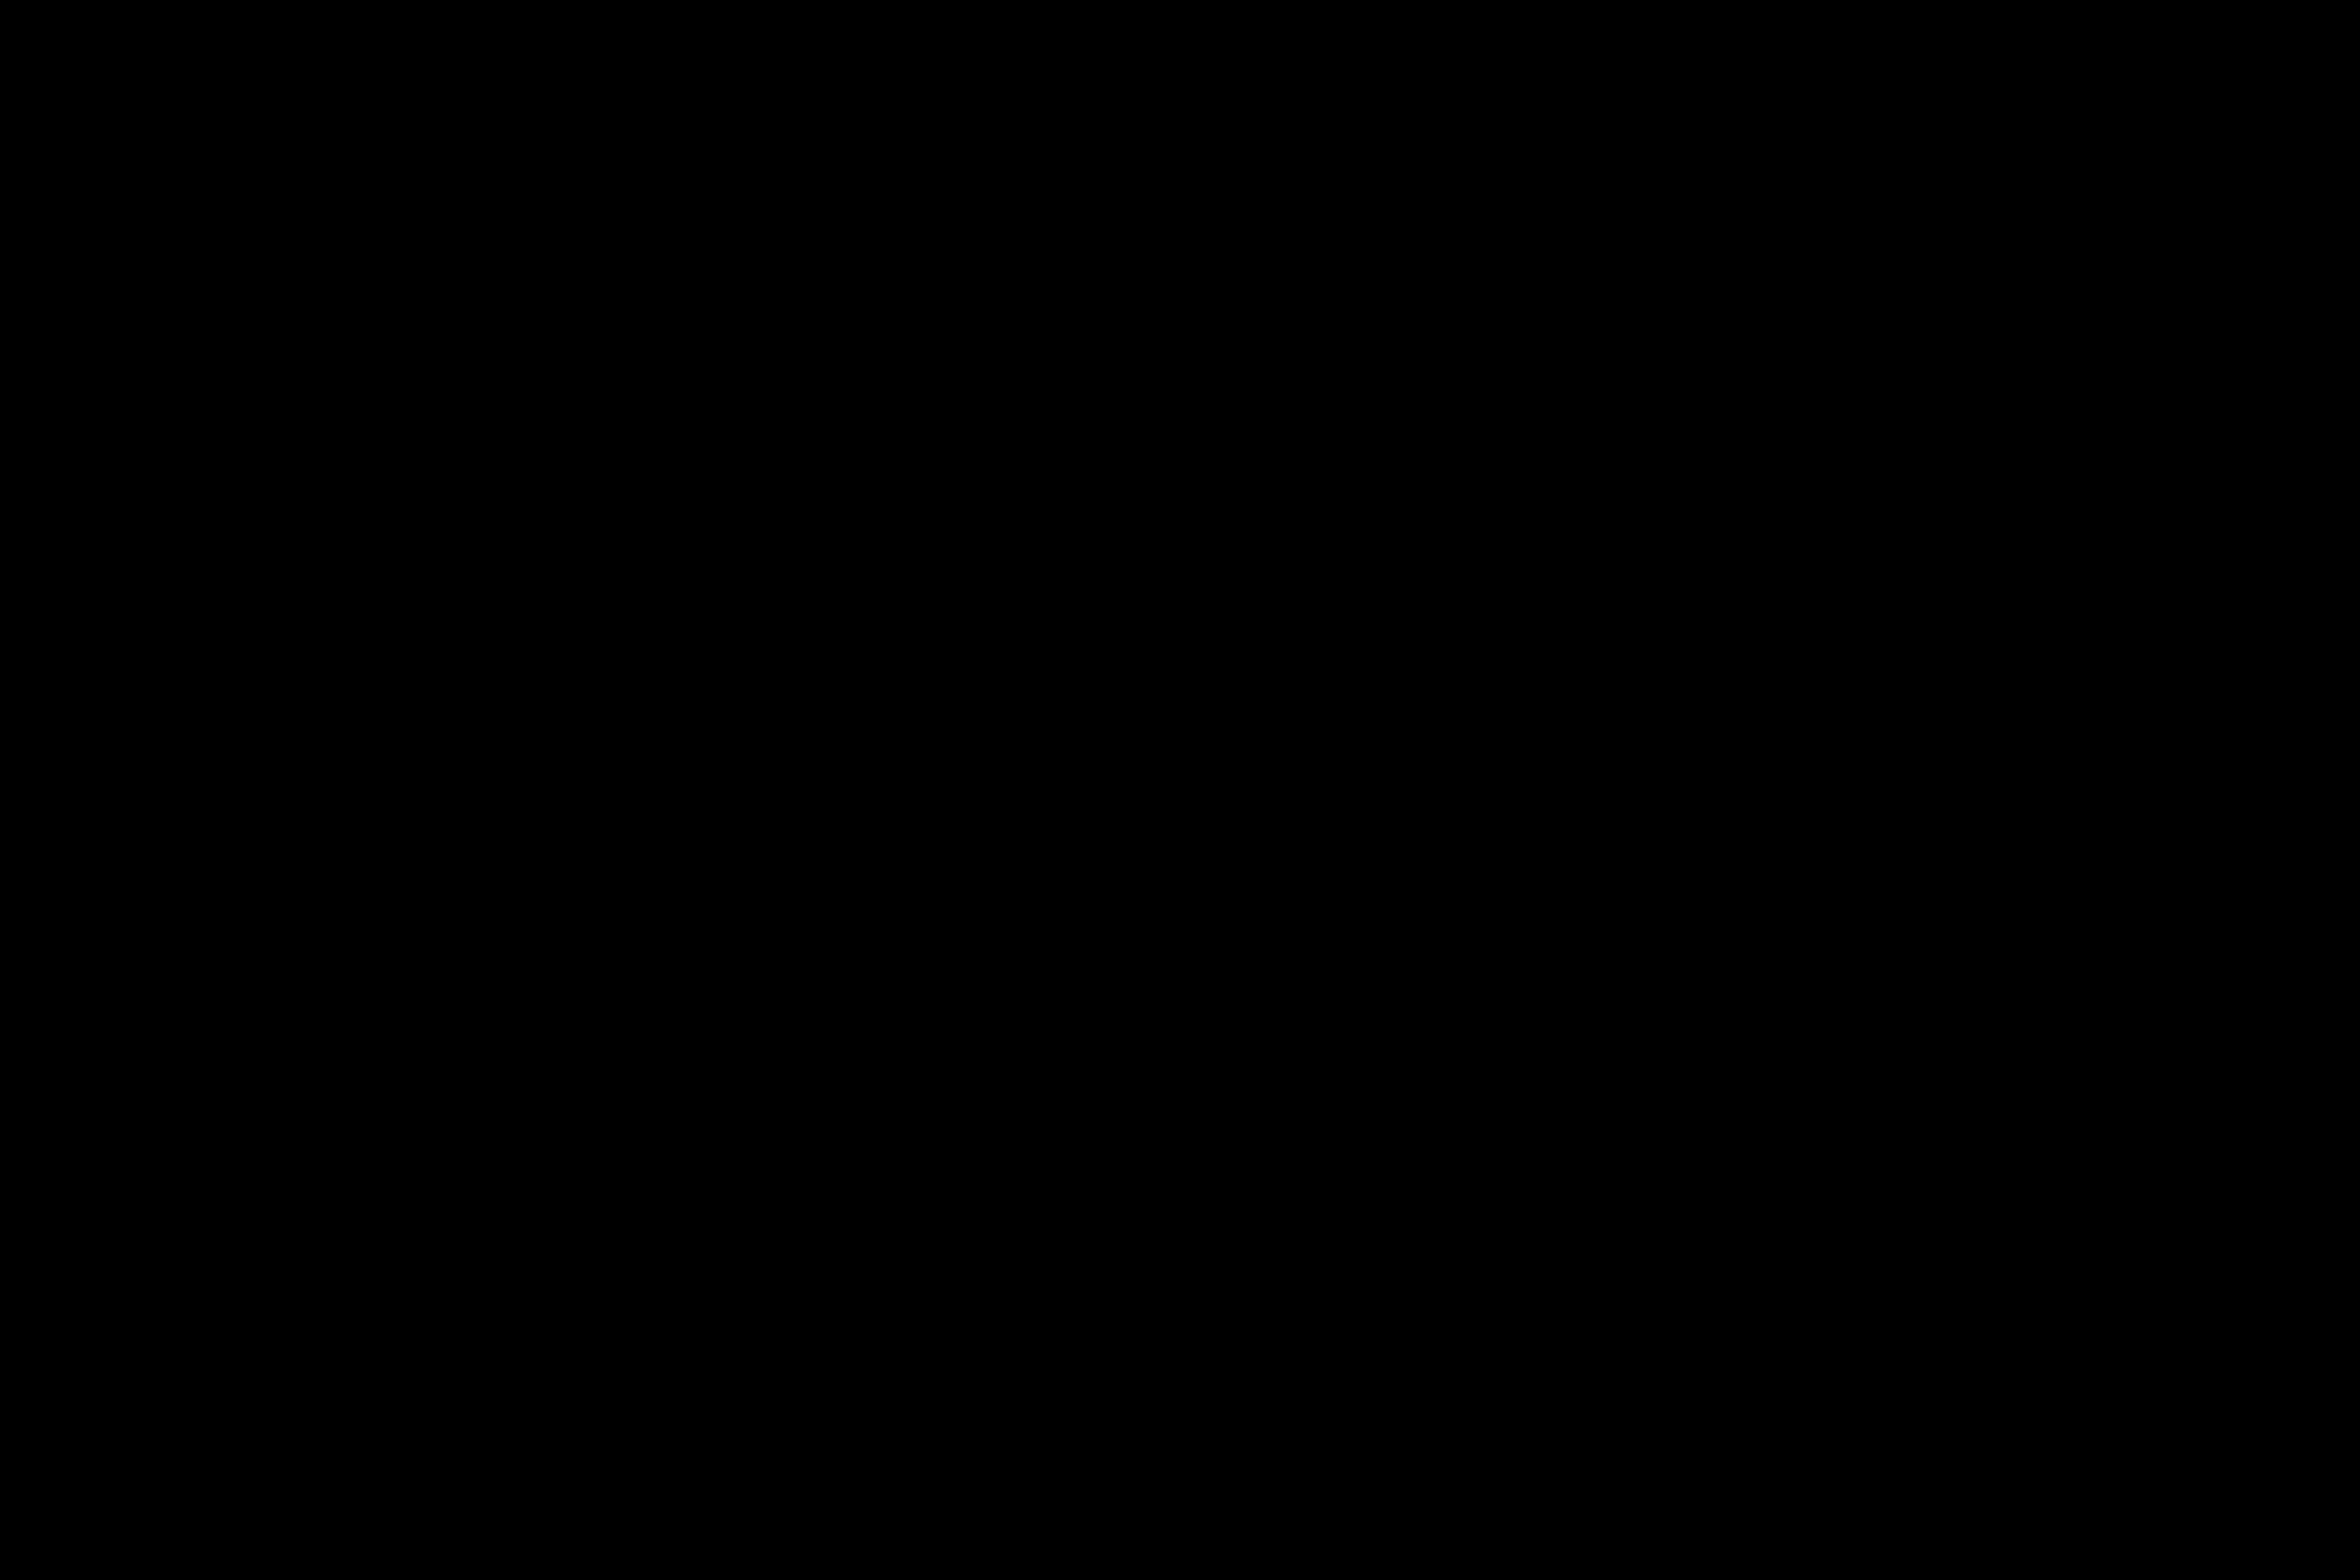 vocer-logo.png